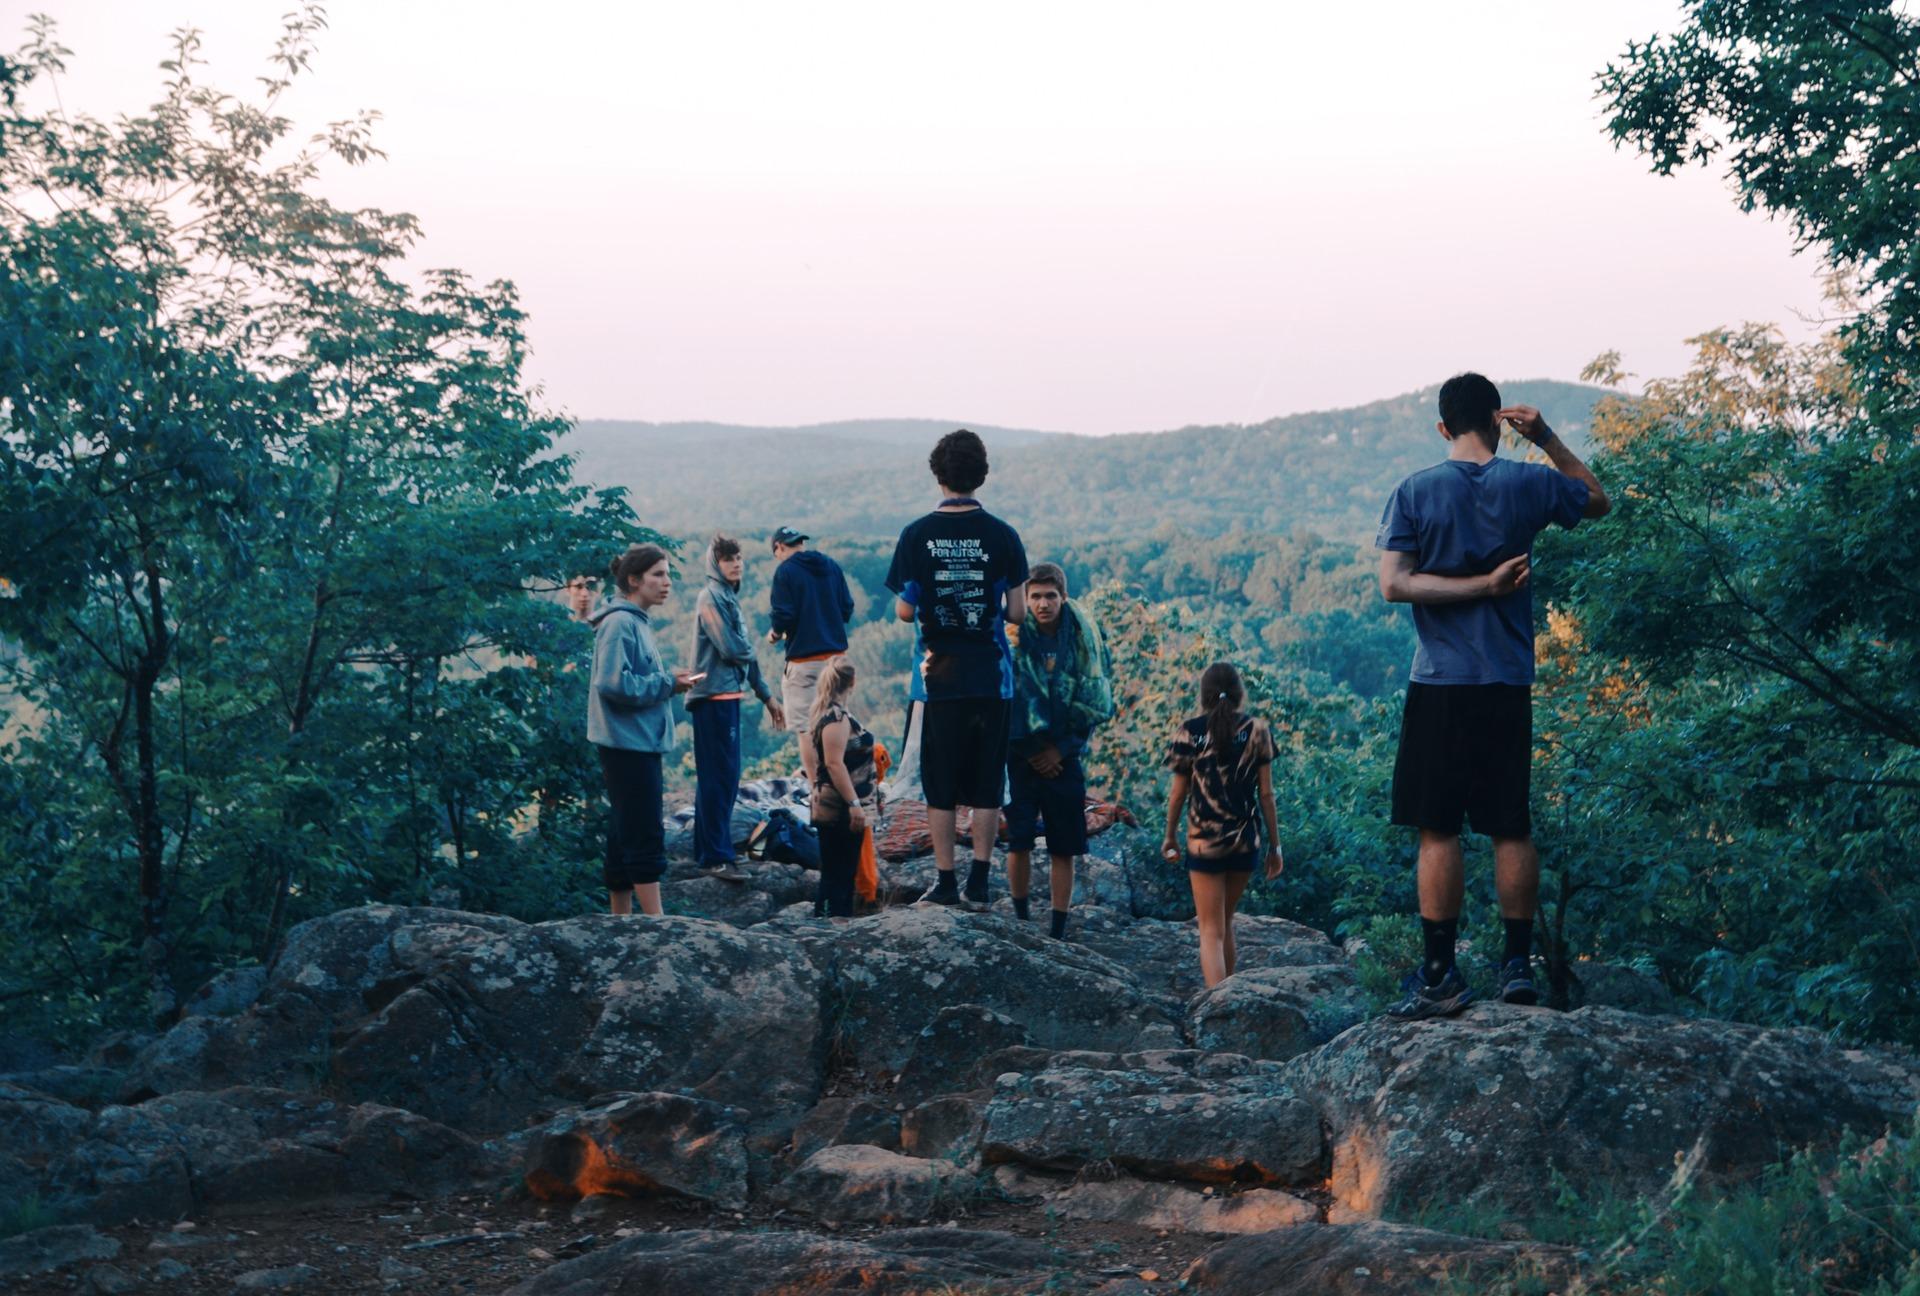 Perché viaggiare in gruppo?